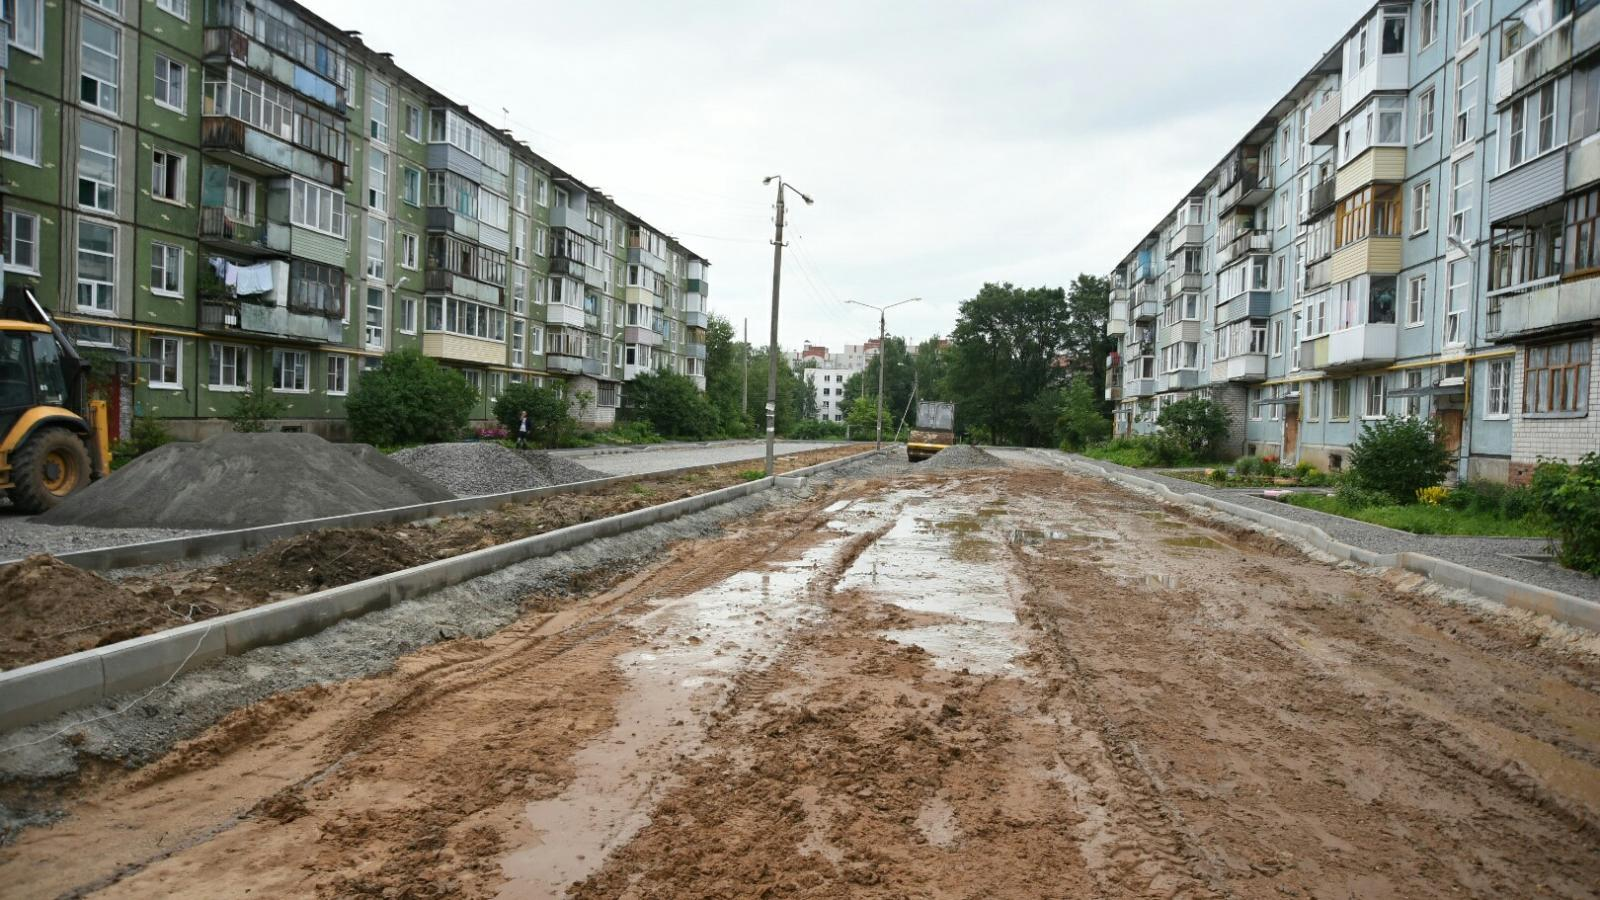 Мэр не доволен подрядчиком, который должен был ремонтировать дворы в некоторых районах Вологды